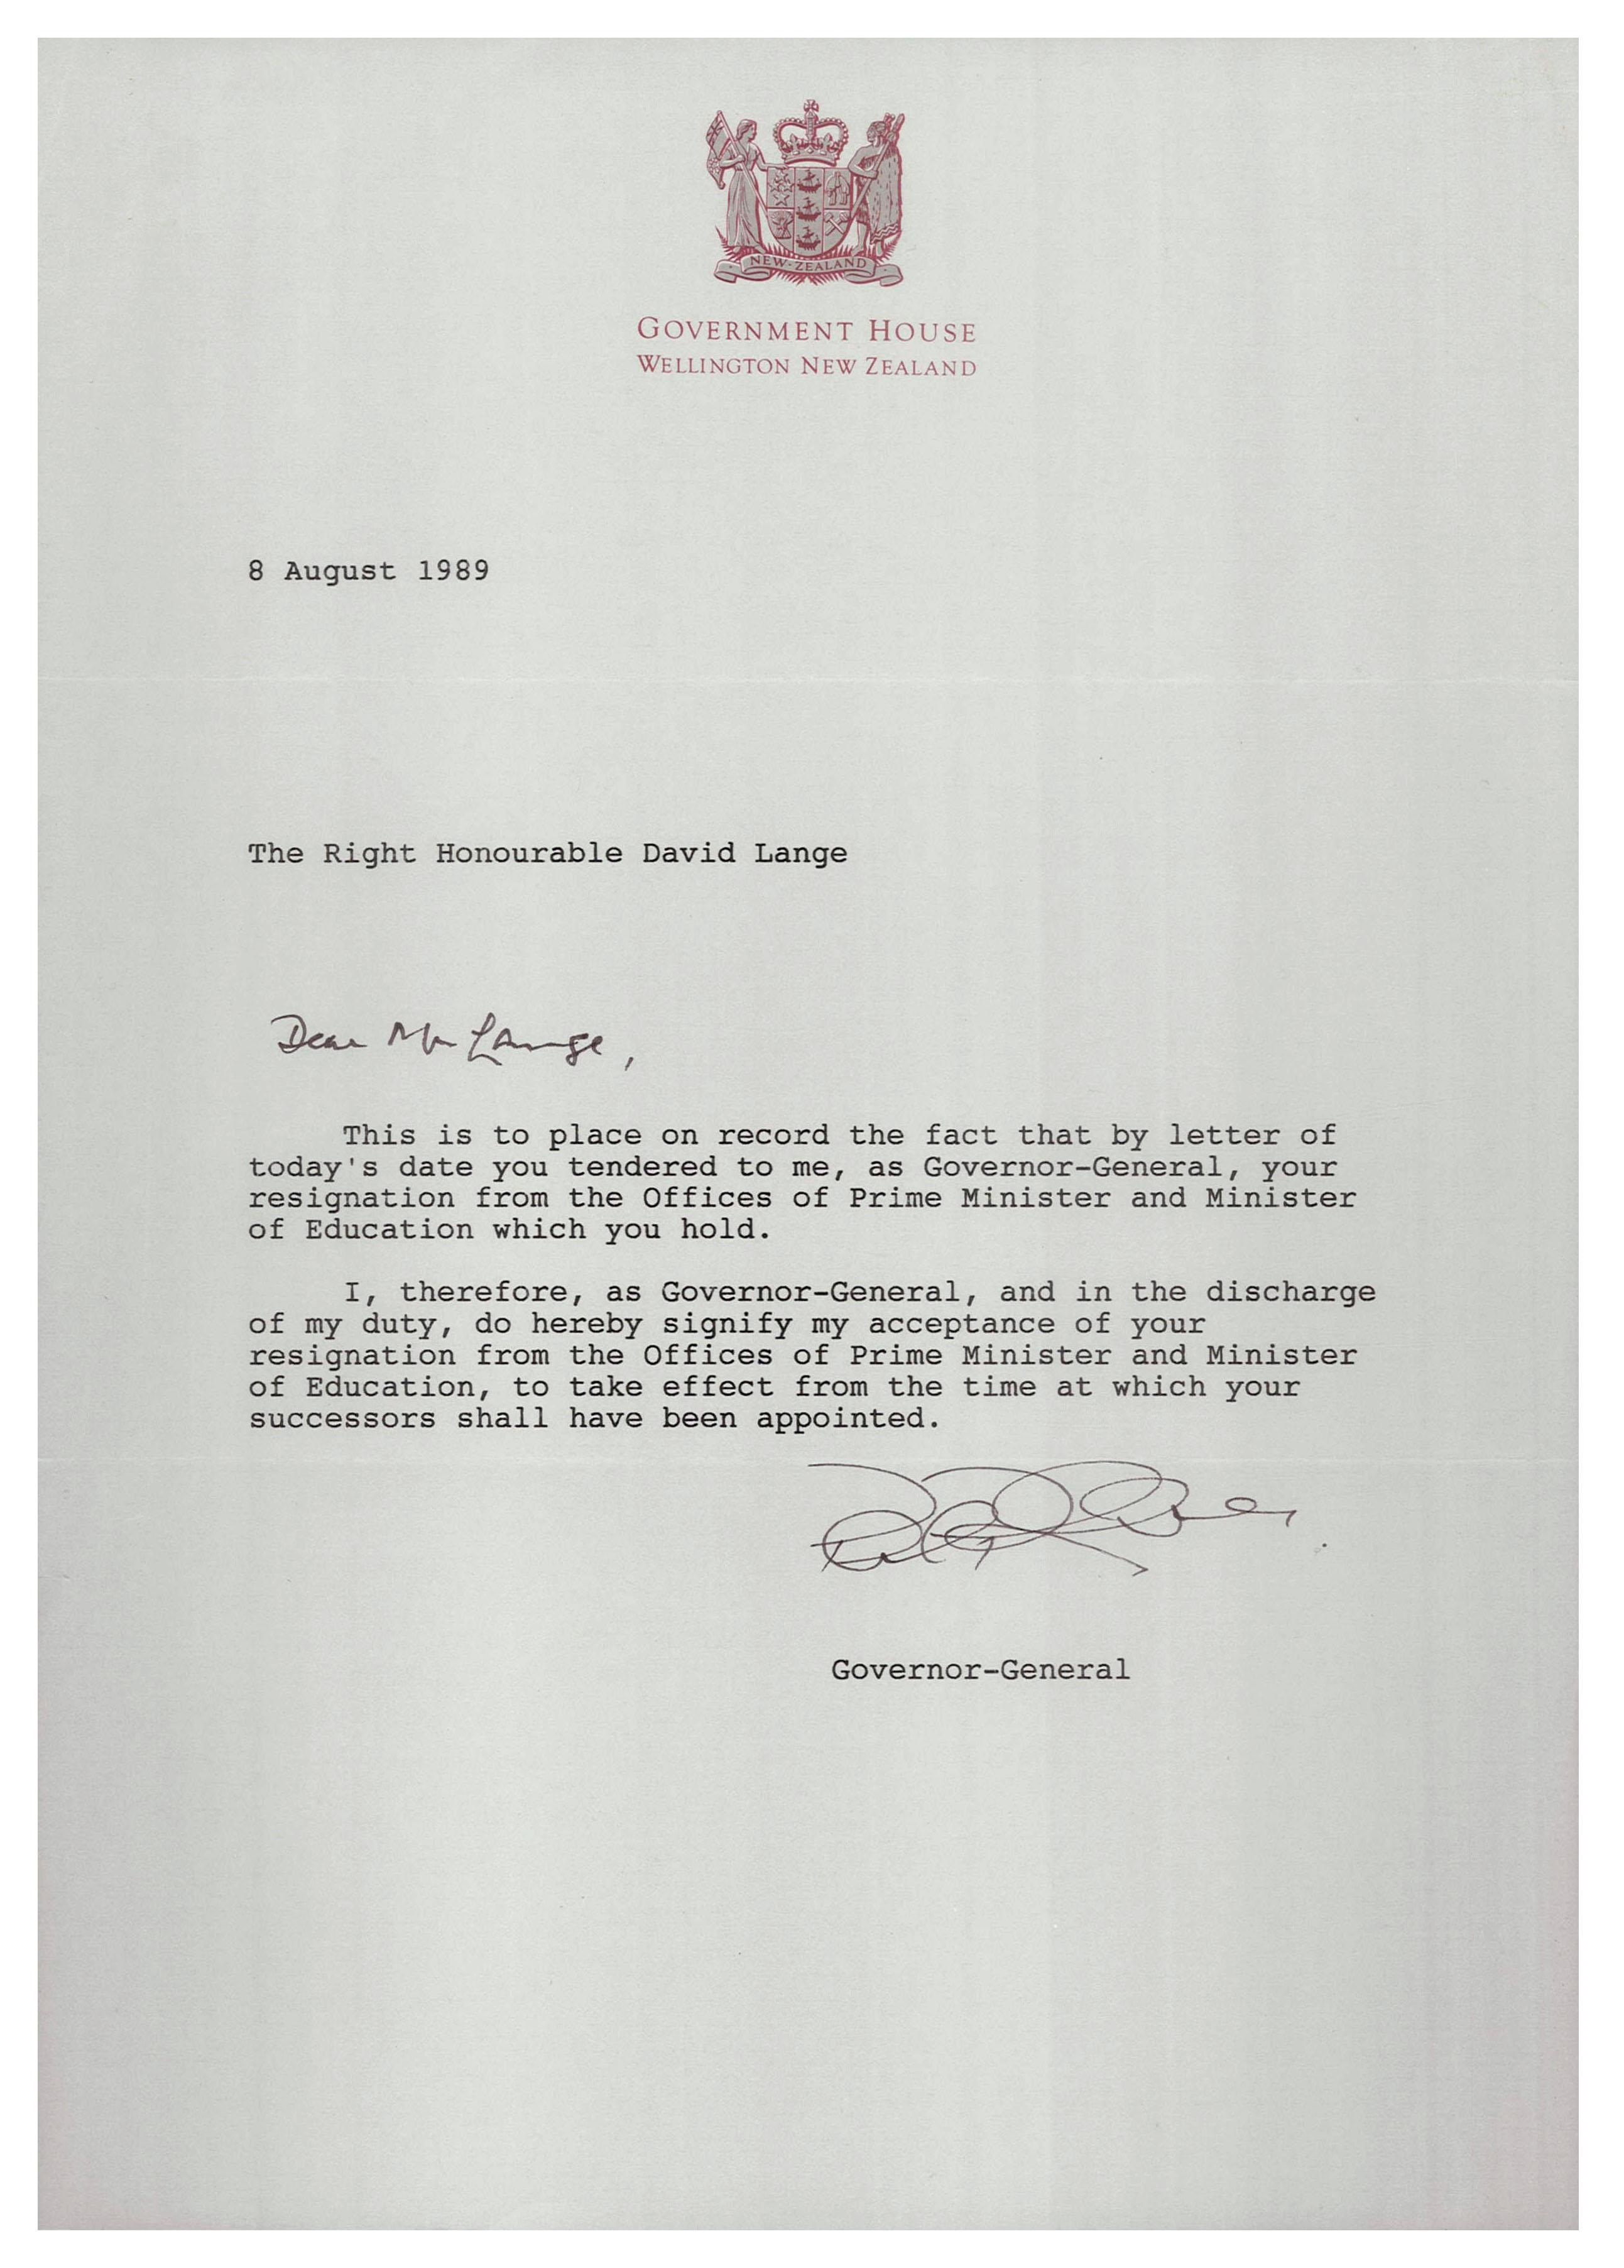 accepting resignation